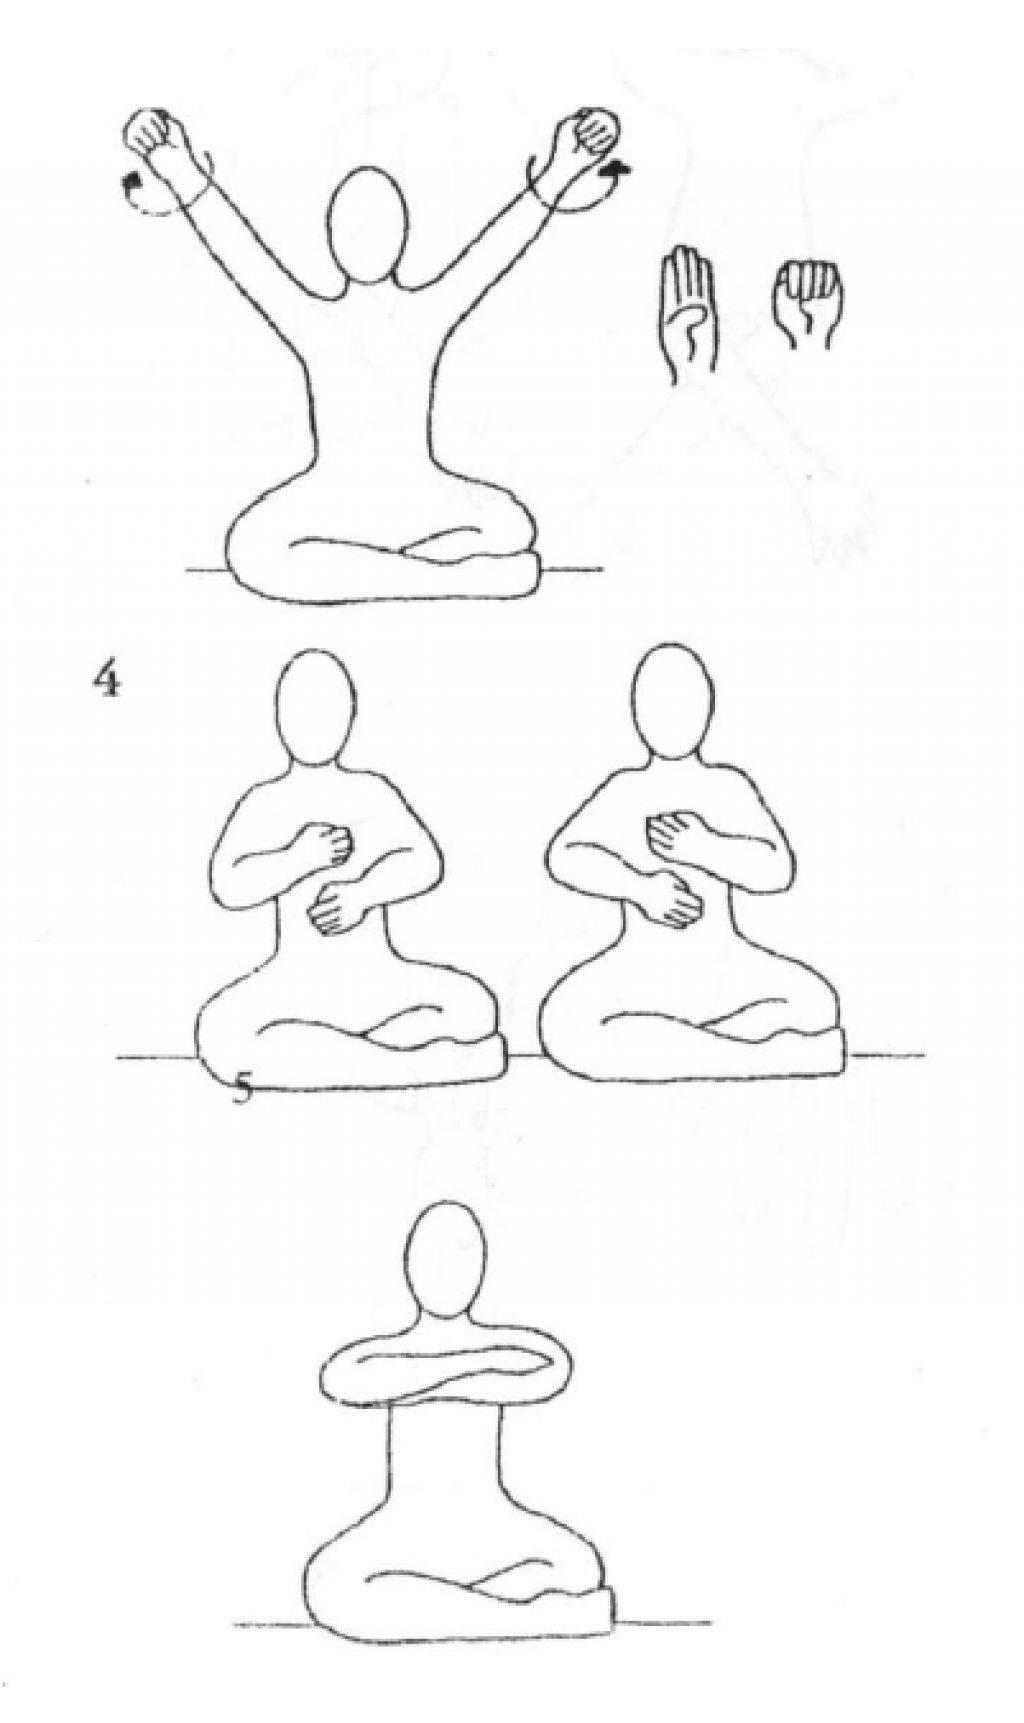 Агнисара крия – полное руководство по выполнению - азбука йоги